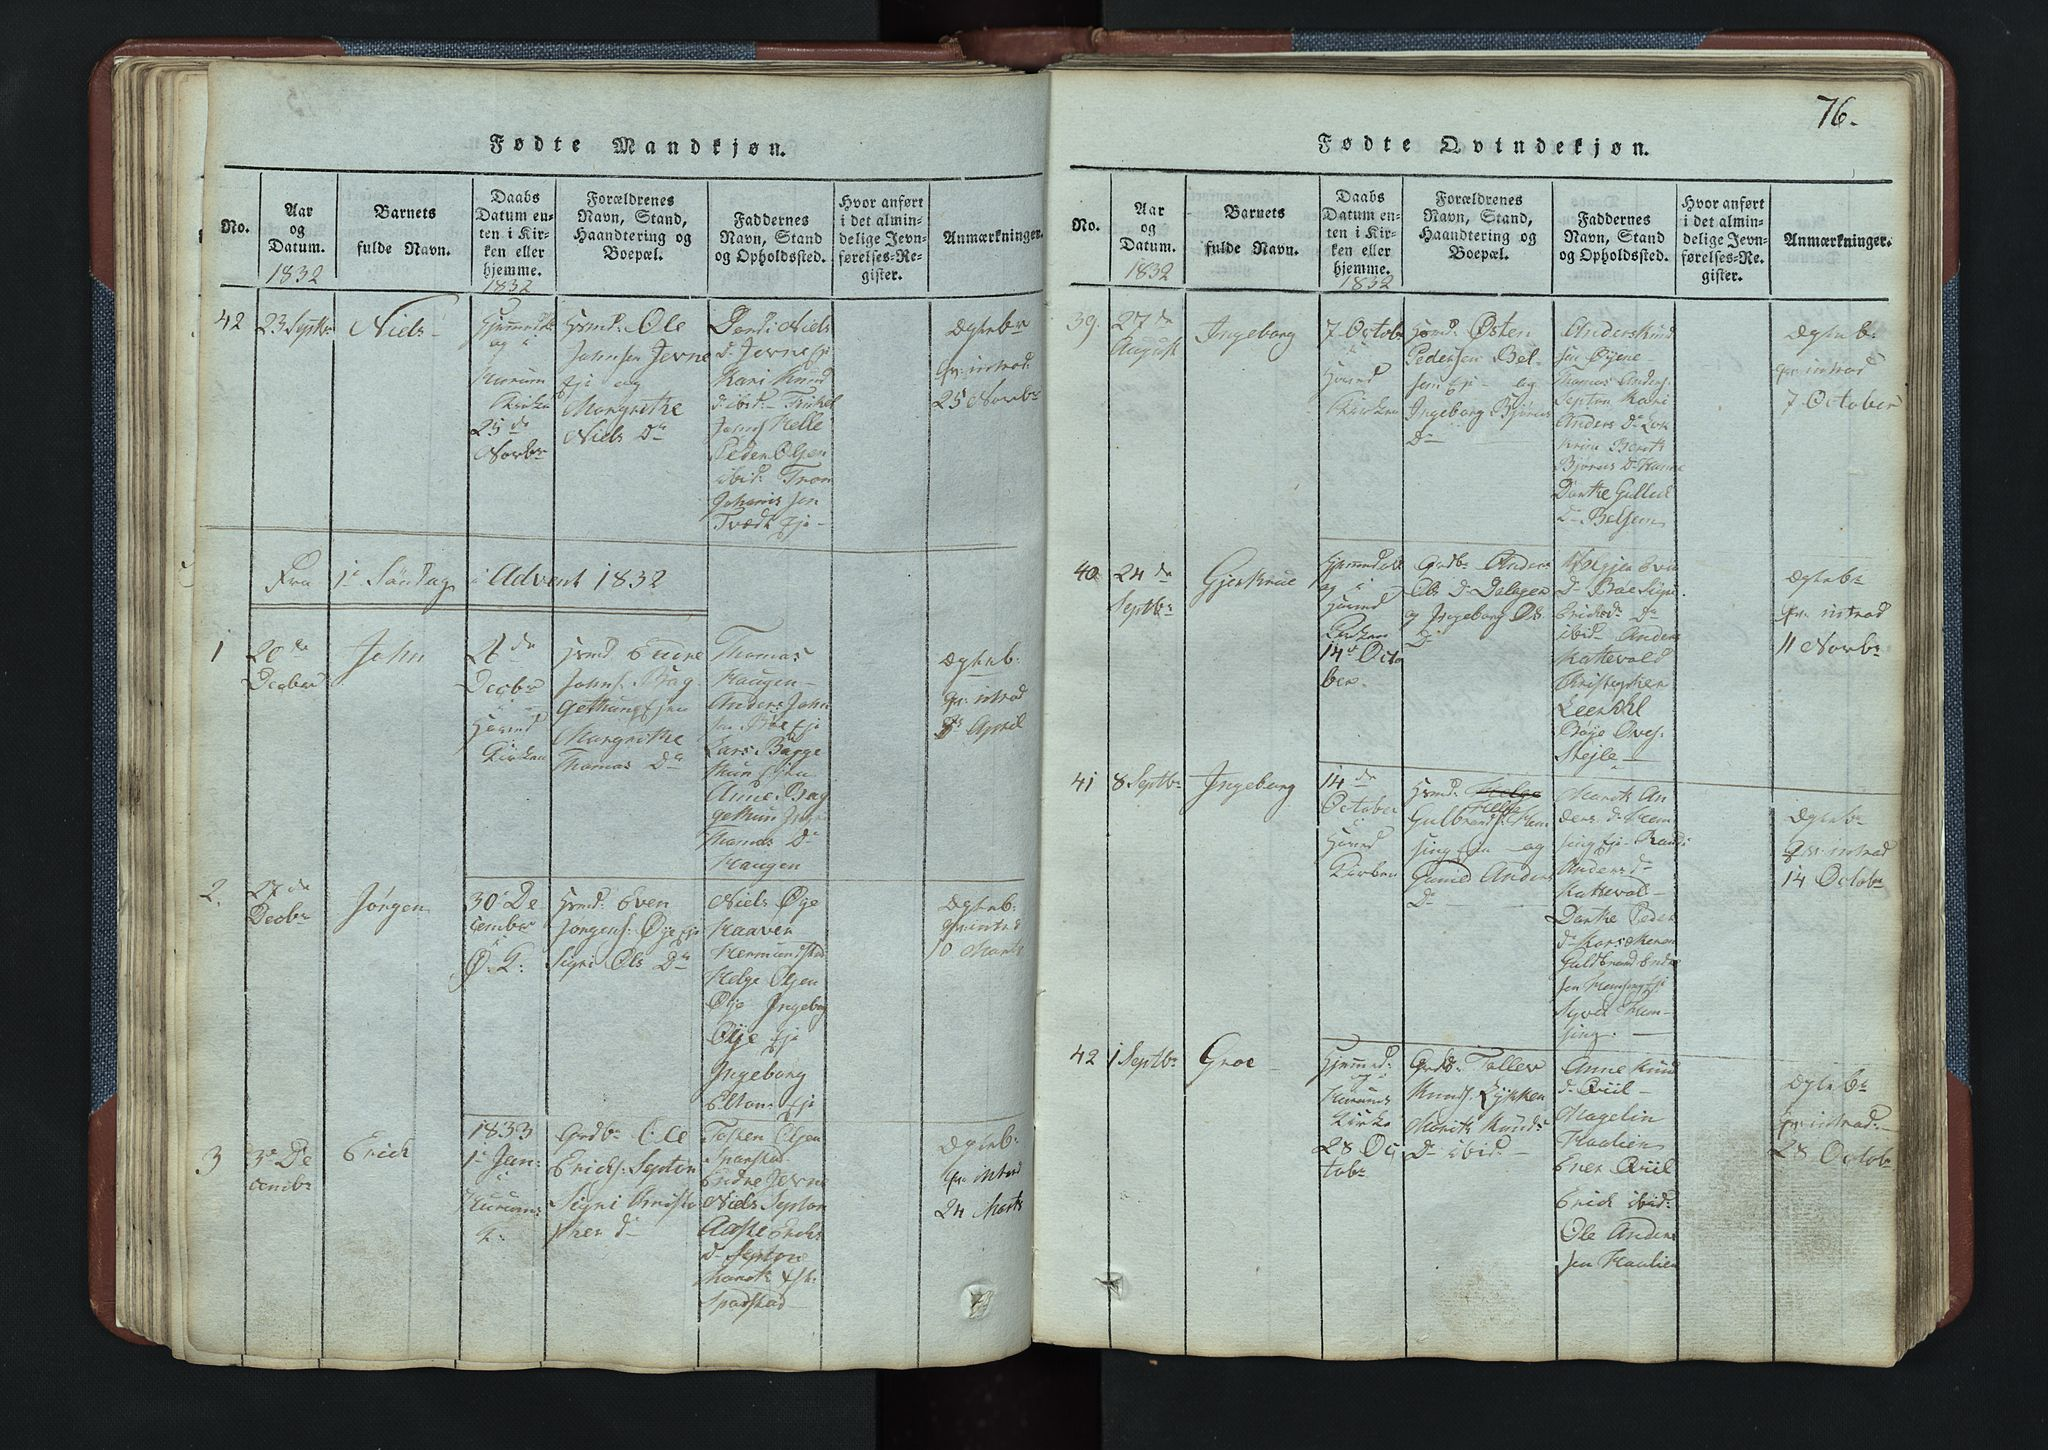 SAH, Vang prestekontor, Valdres, Klokkerbok nr. 3, 1814-1892, s. 76